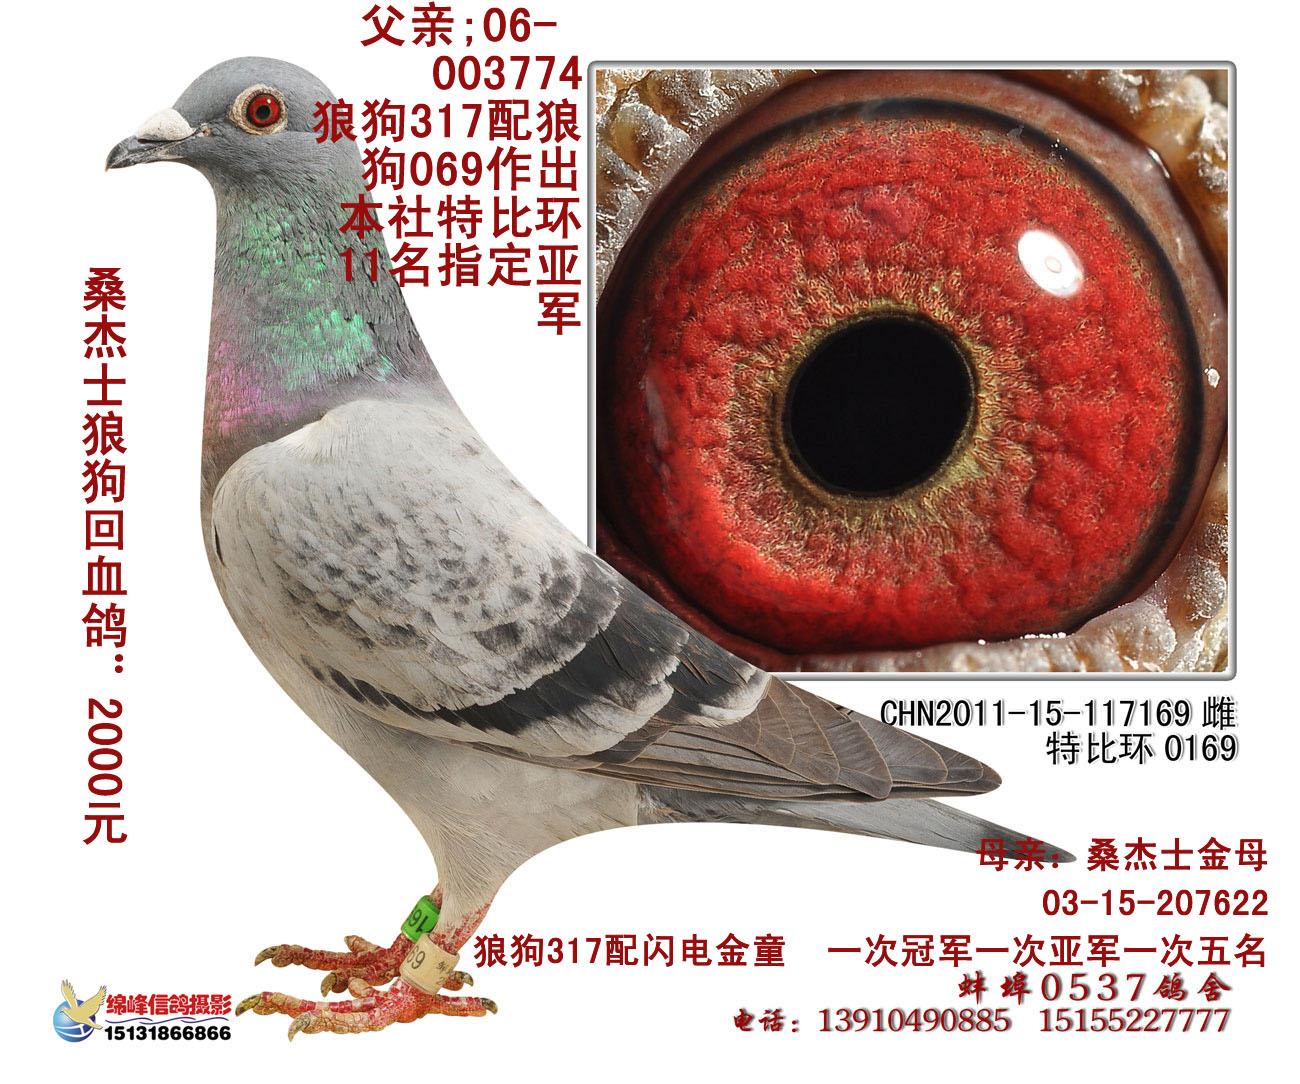 信鸽特征-狼狗配金童 117169